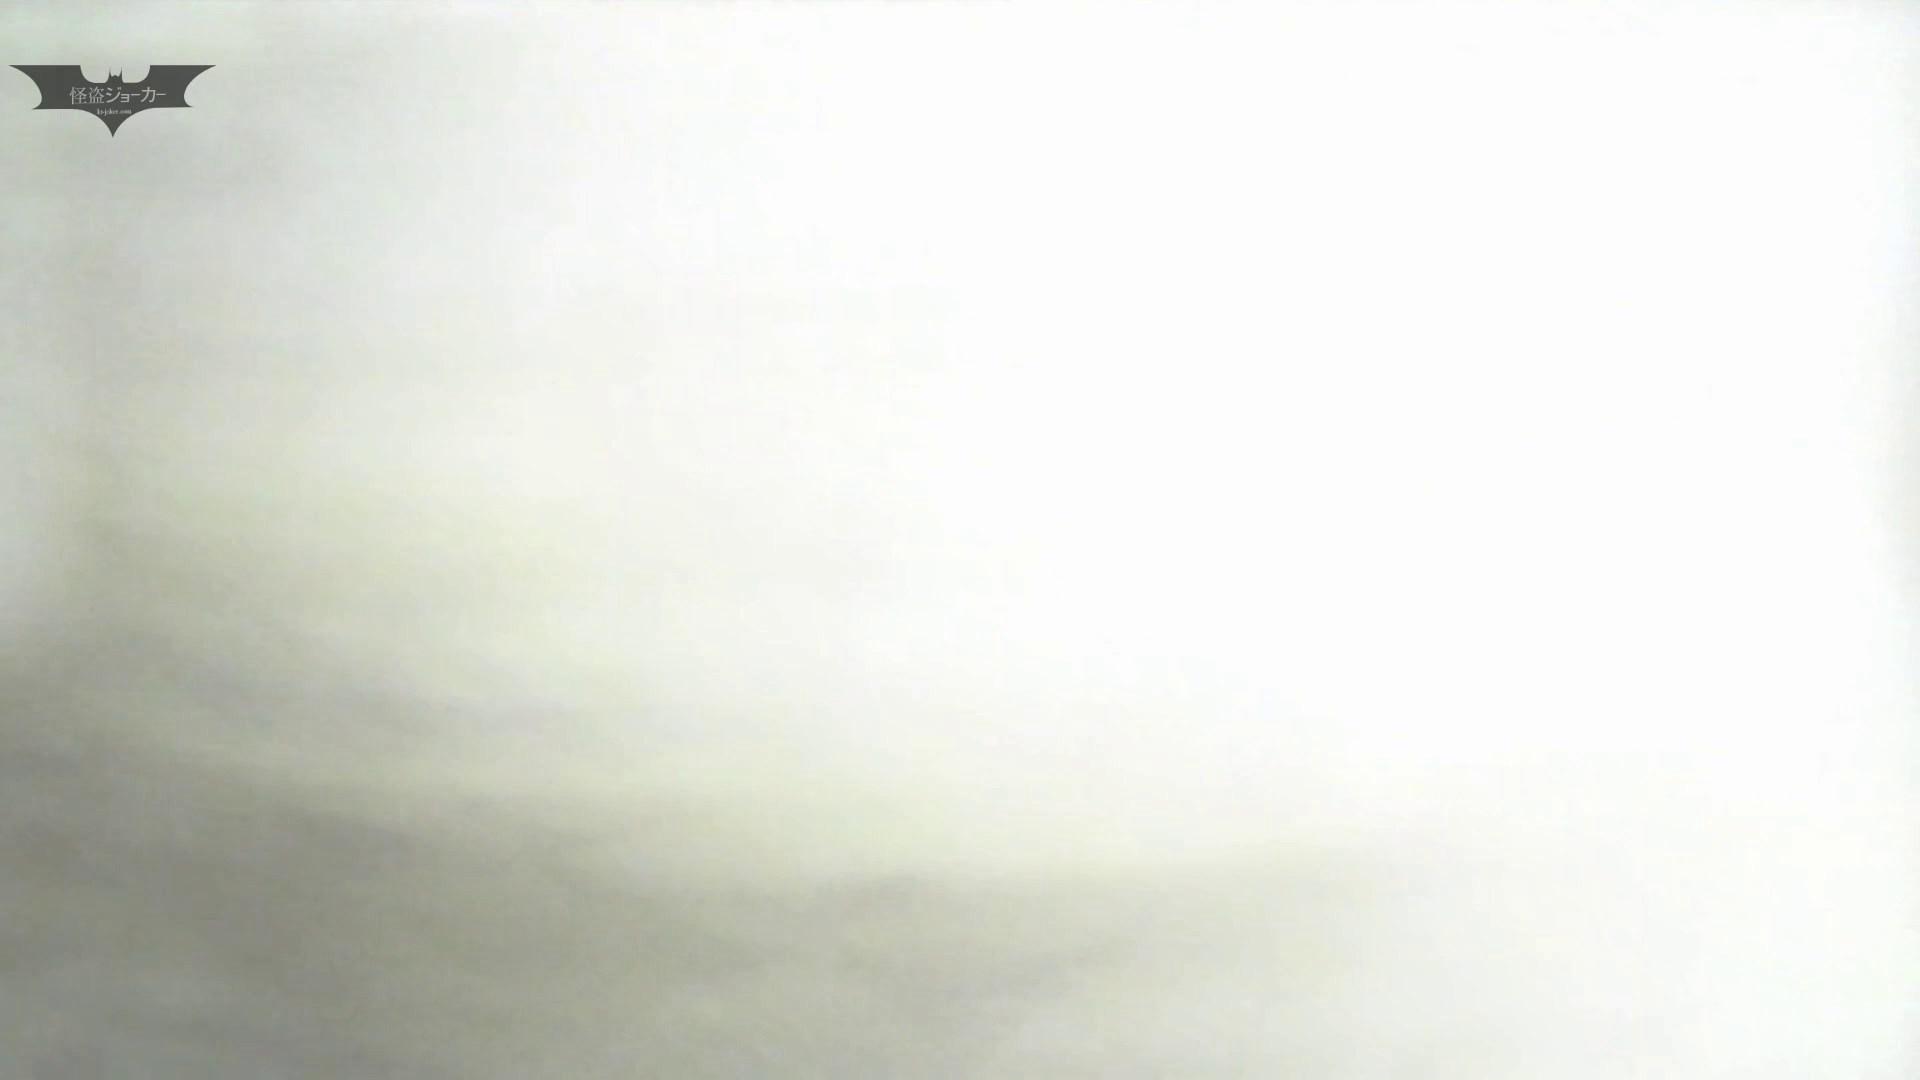 洗面所特攻隊 vol.048 特攻隊さん二人の可愛い子と直対面、会話 名作 すけべAV動画紹介 97枚 95